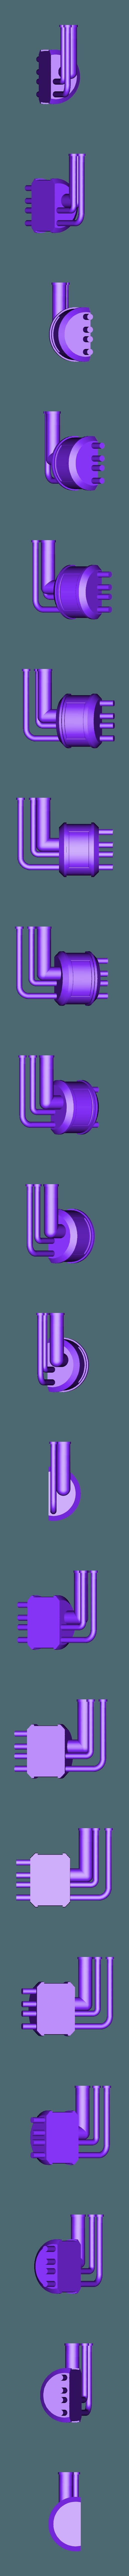 Boiler.stl Télécharger fichier STL gratuit Planète Express 3030 • Objet à imprimer en 3D, Piggie